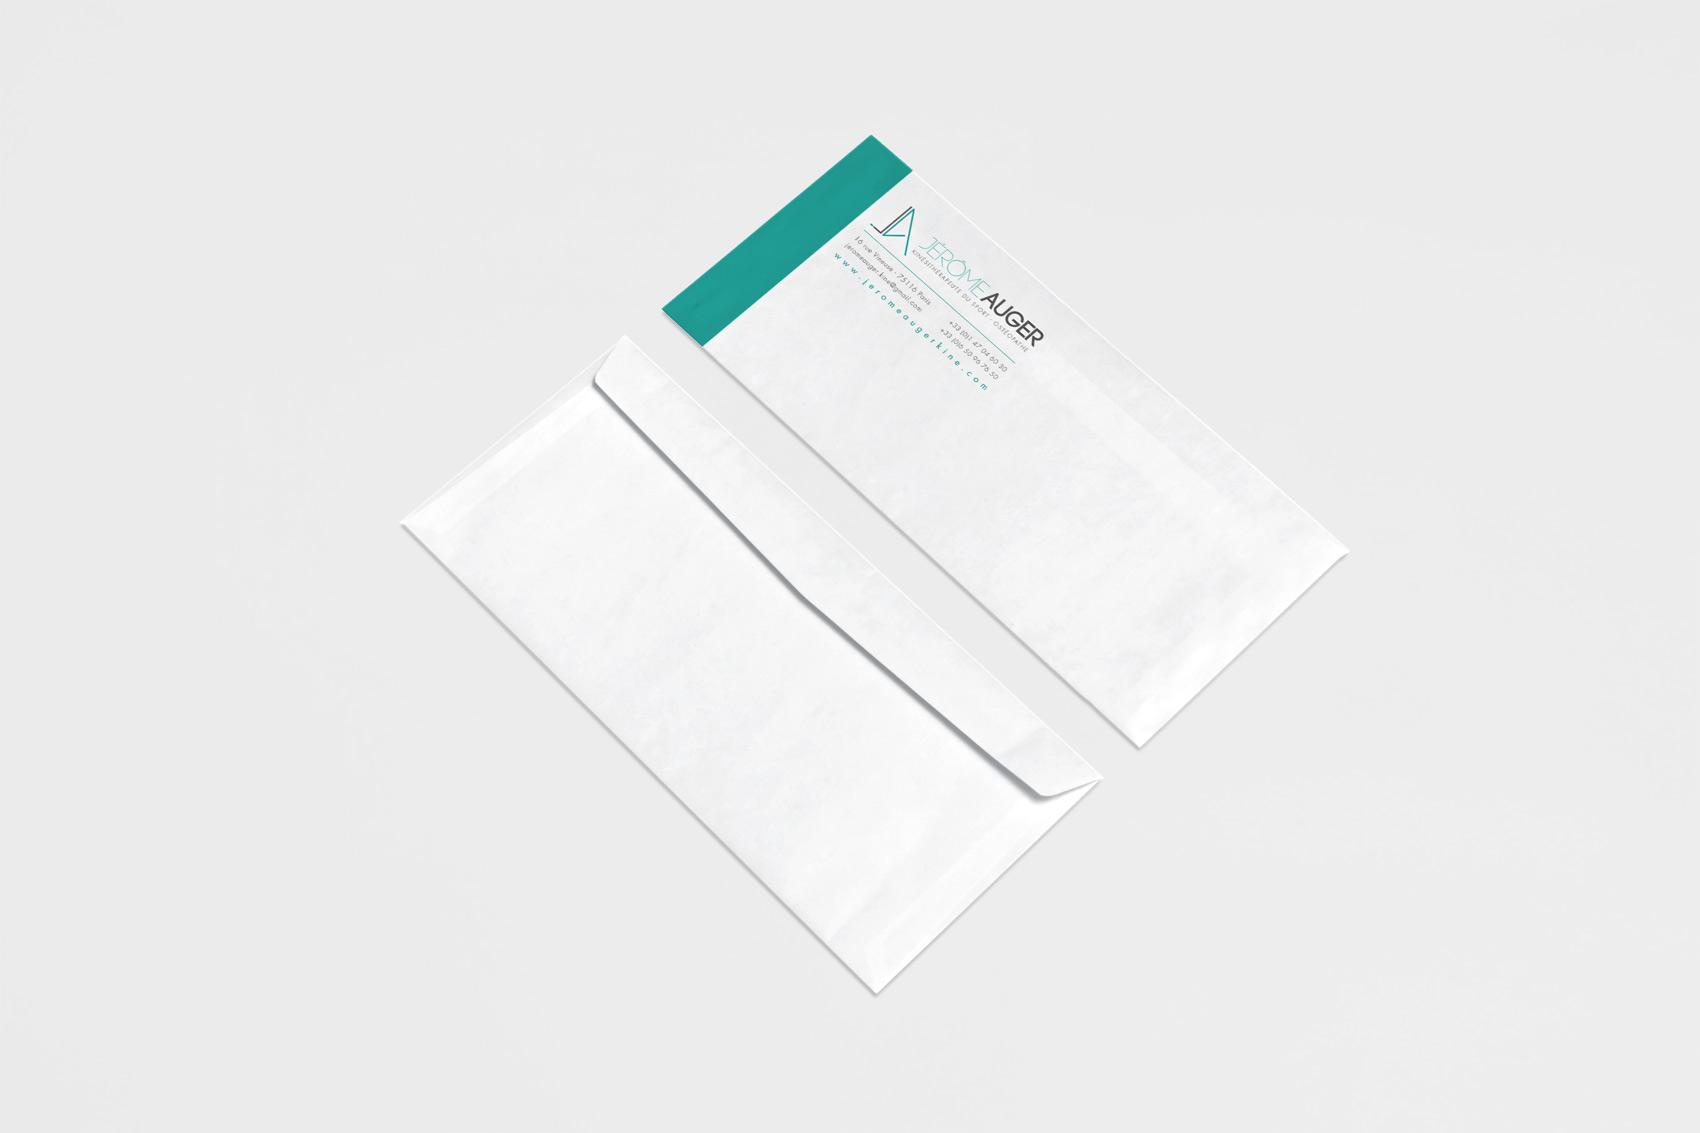 enveloppe-docteur-auger-agence-sante-karma-communication-nice-paris